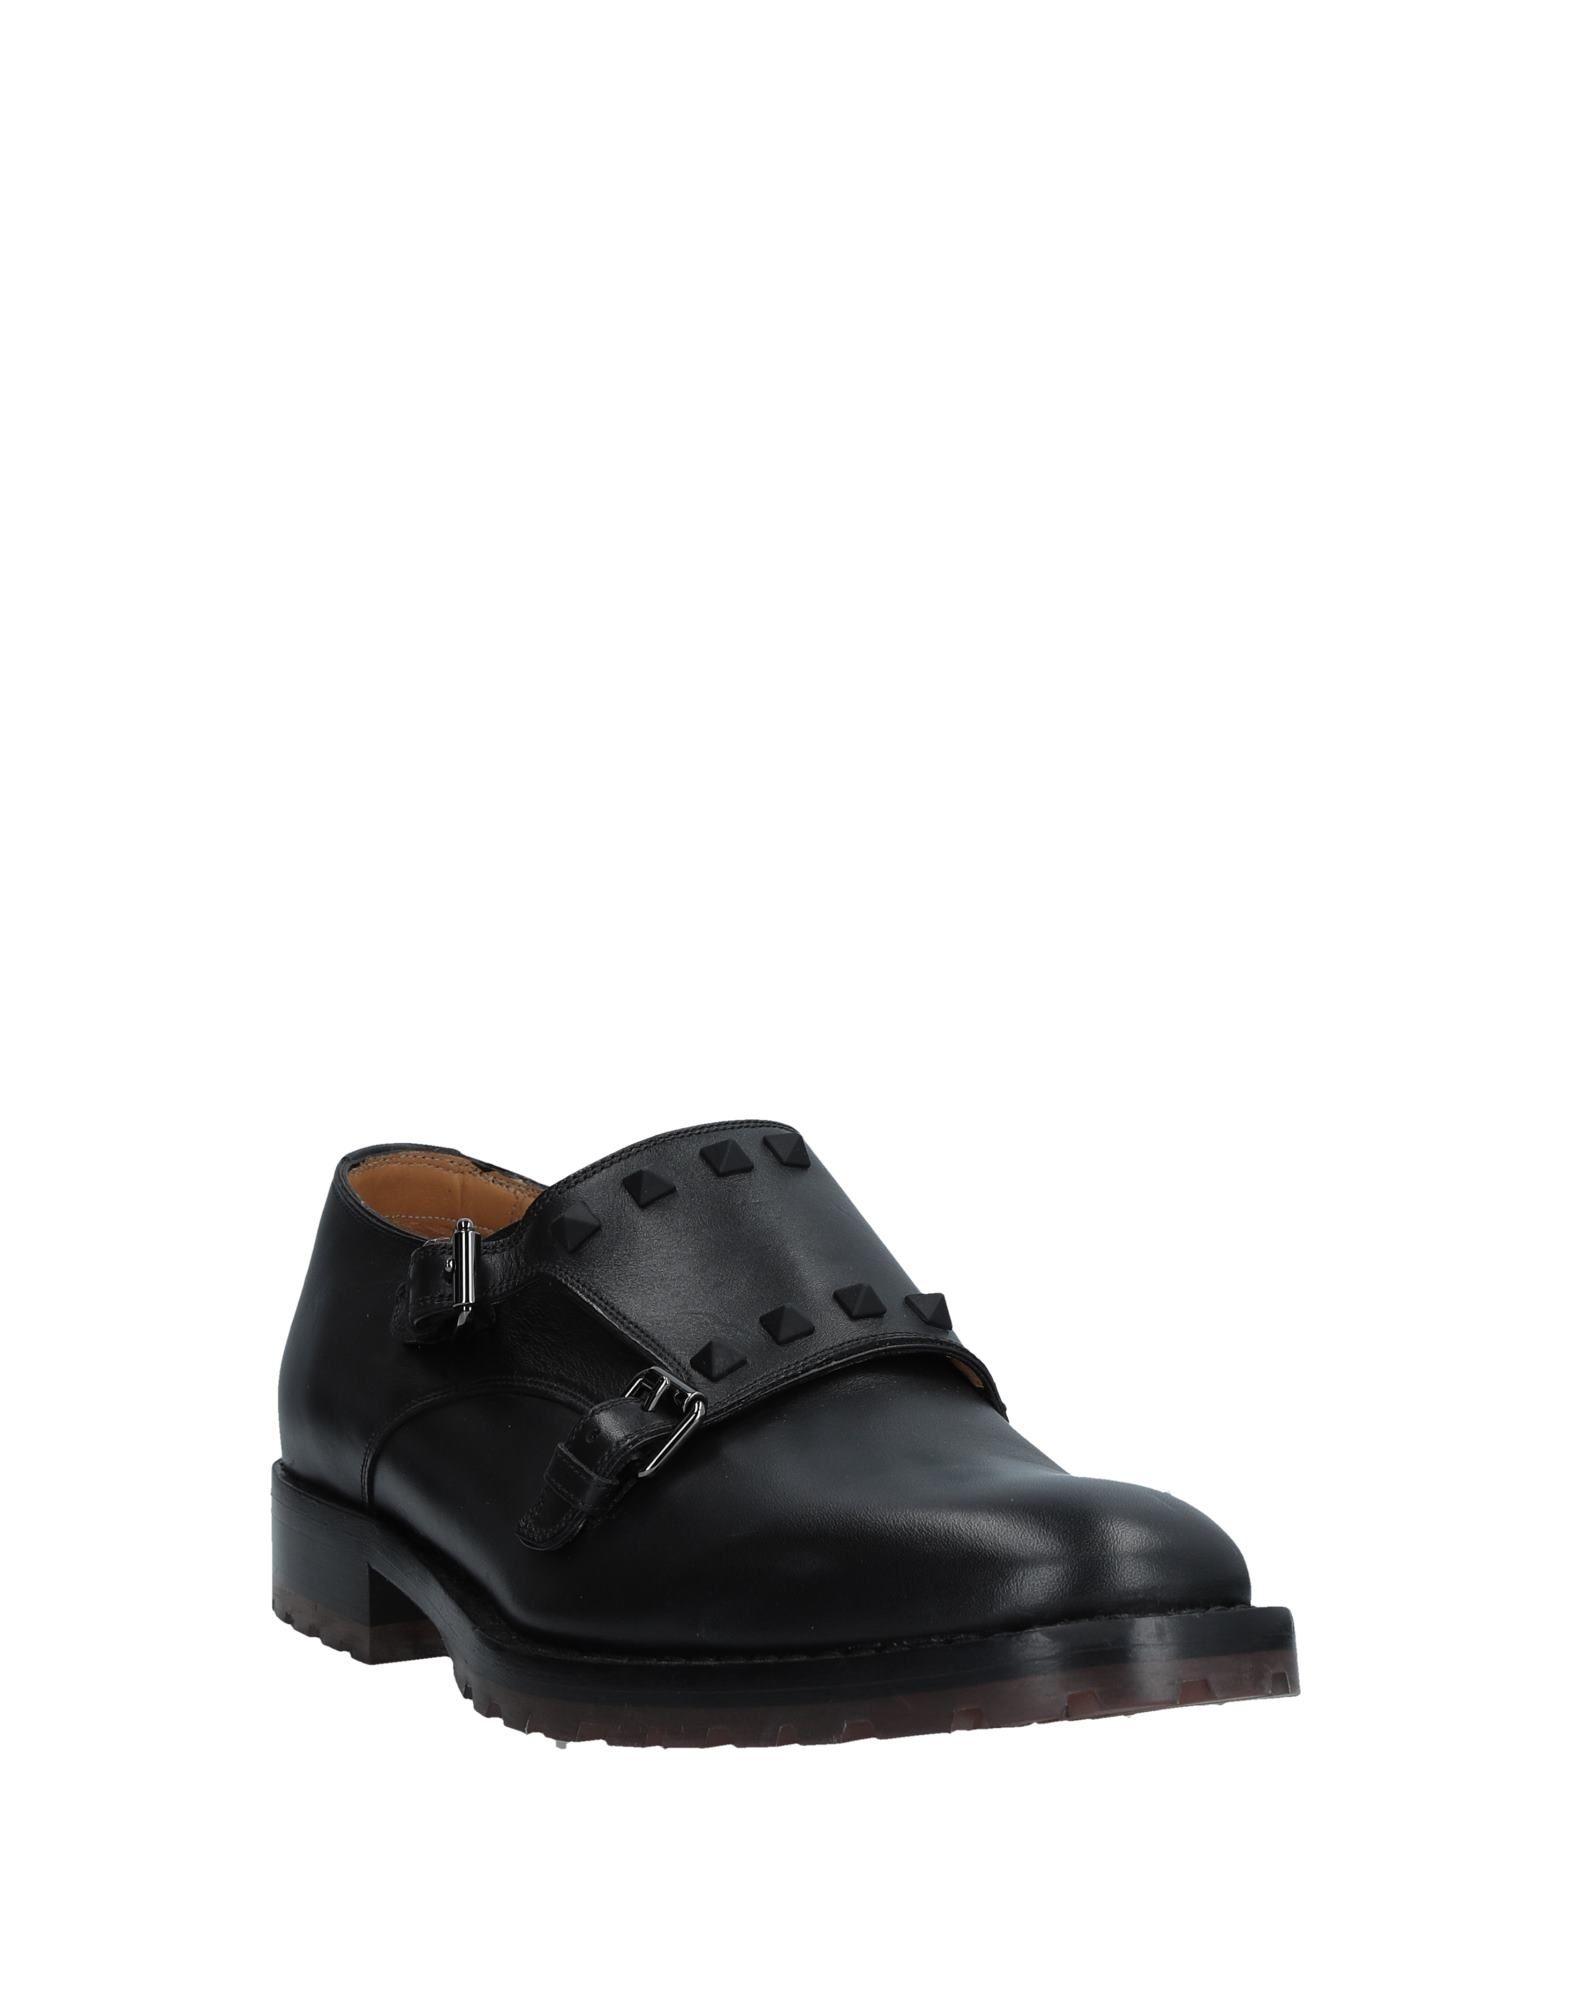 Valentino Garavani Mokassins Herren  11543864UX Gute Qualität beliebte Schuhe